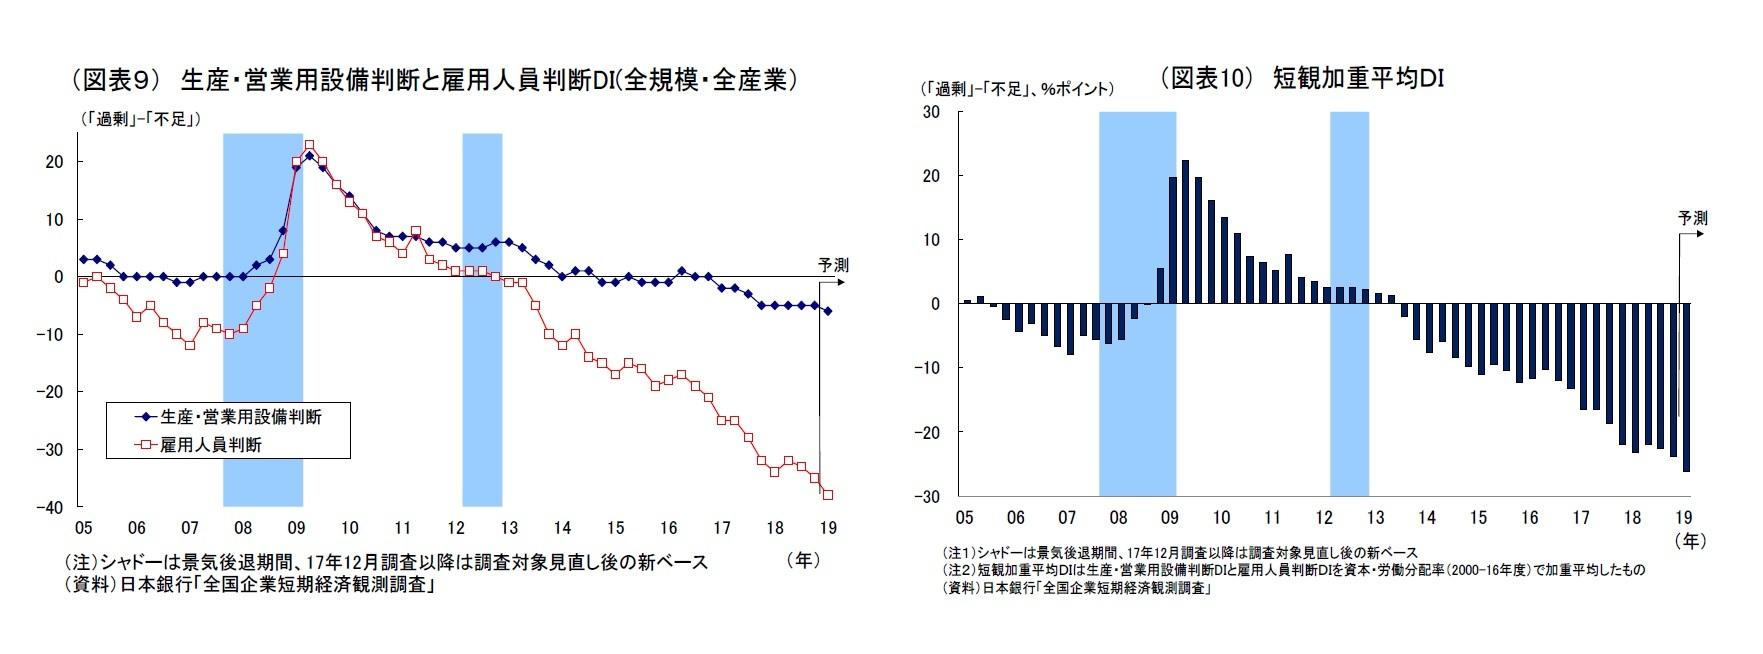 (図表9) 生産・営業用設備判断と雇用人員判断DI(全規模・全産業)/(図表10) 短観加重平均DI